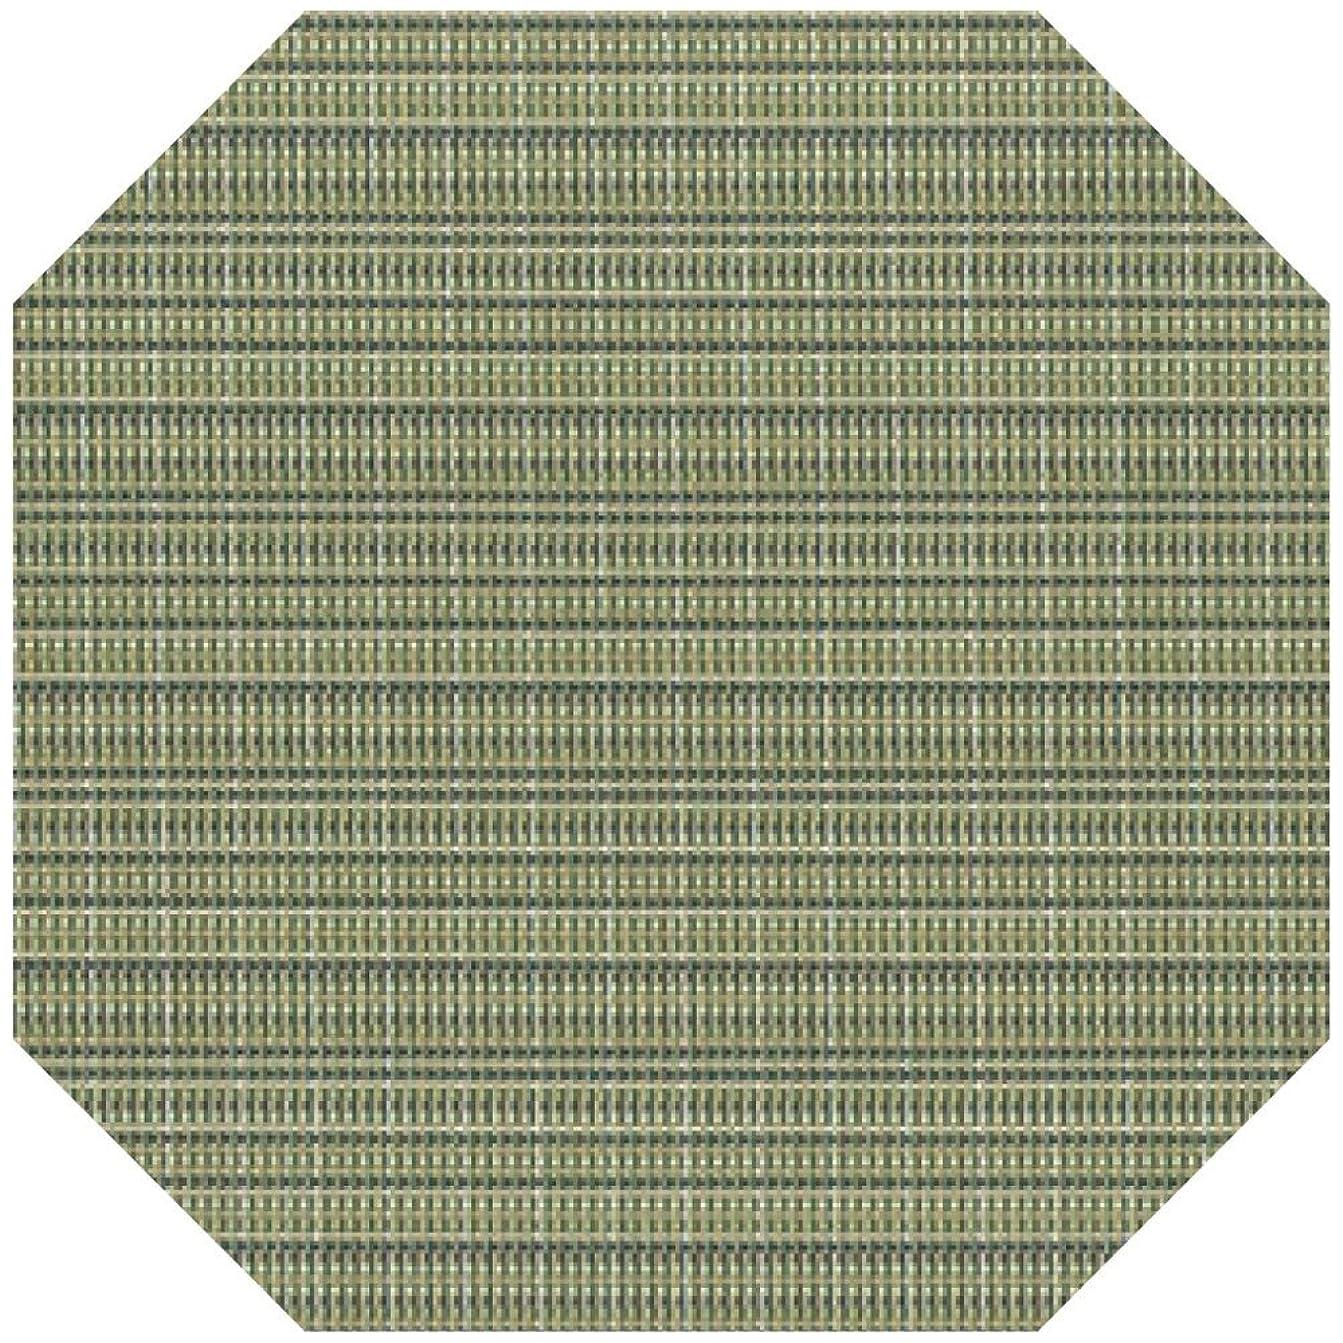 液体発表するランチランチョンマット : 福井クラフト 敷マット フレッシュグリーン(隅切/ストロング?3-146-1 尺0) 320x320mm